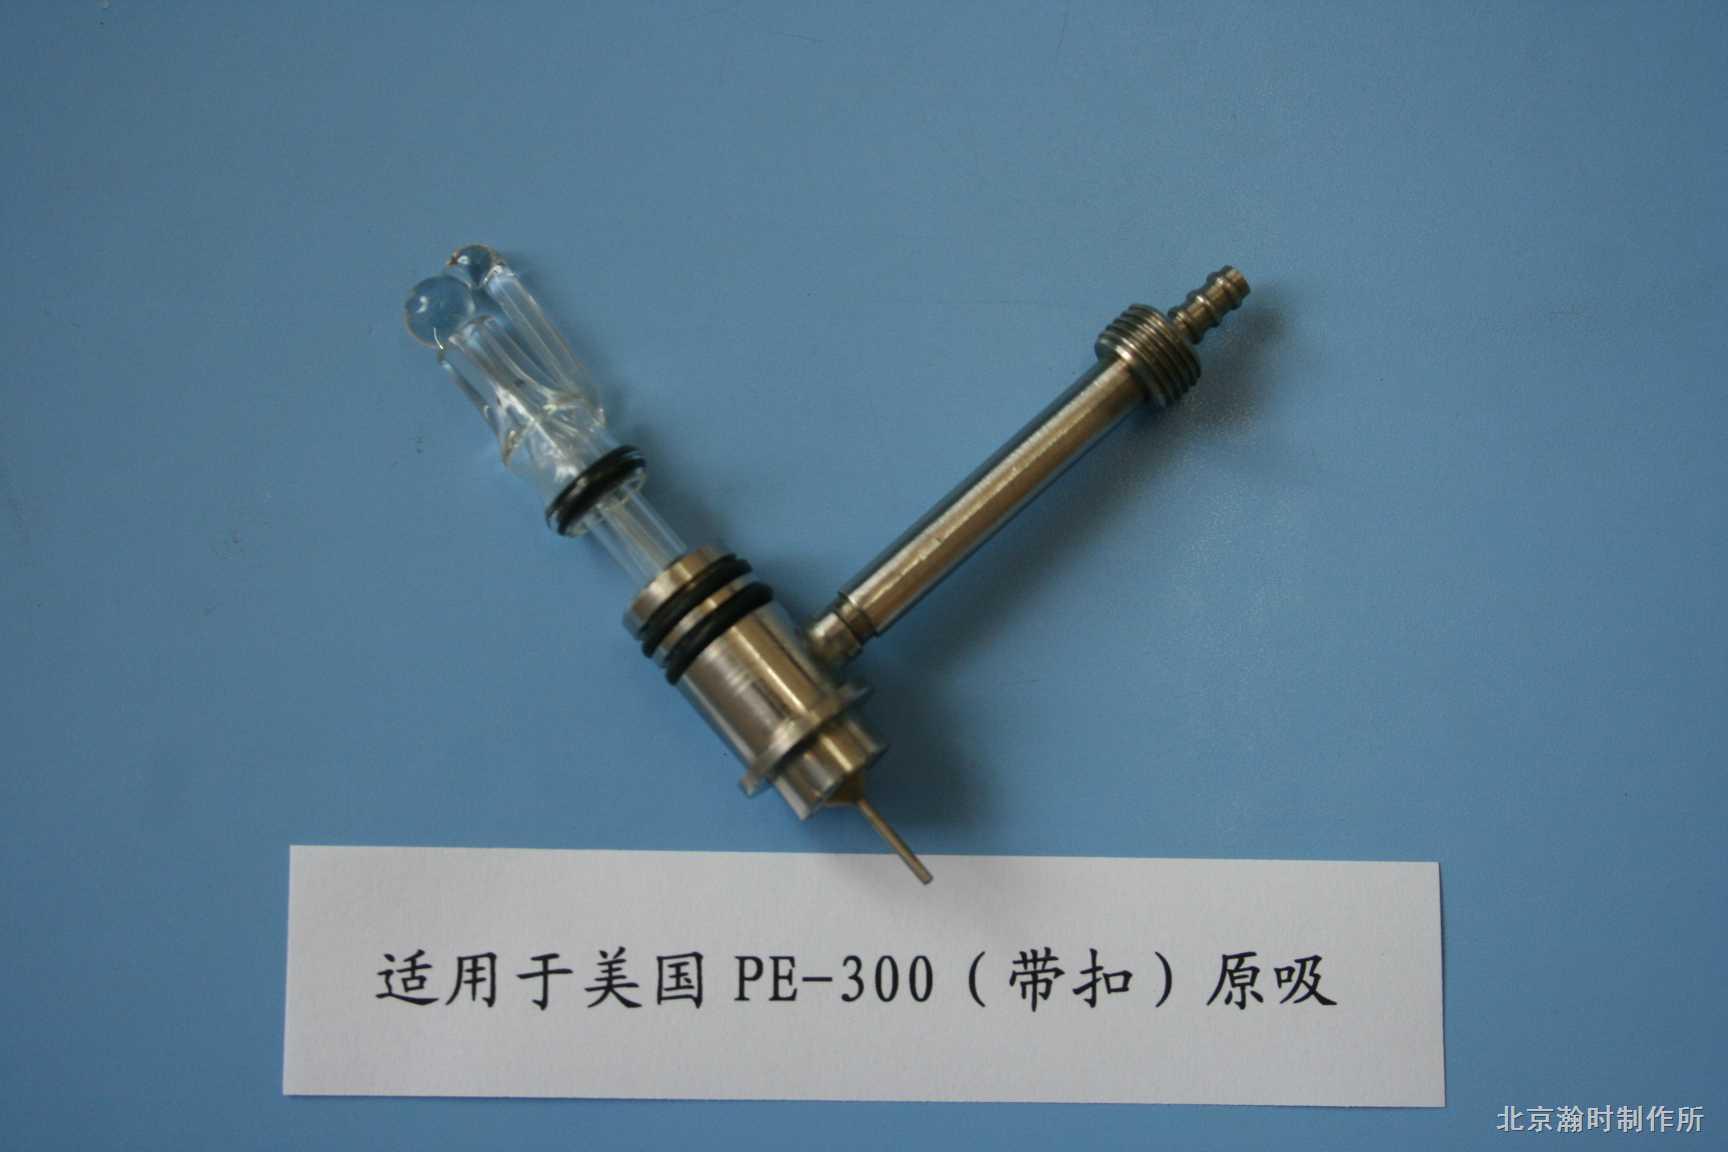 金属套玻璃高效雾化器(WNA-1系列美国PE-300-有扣-型)